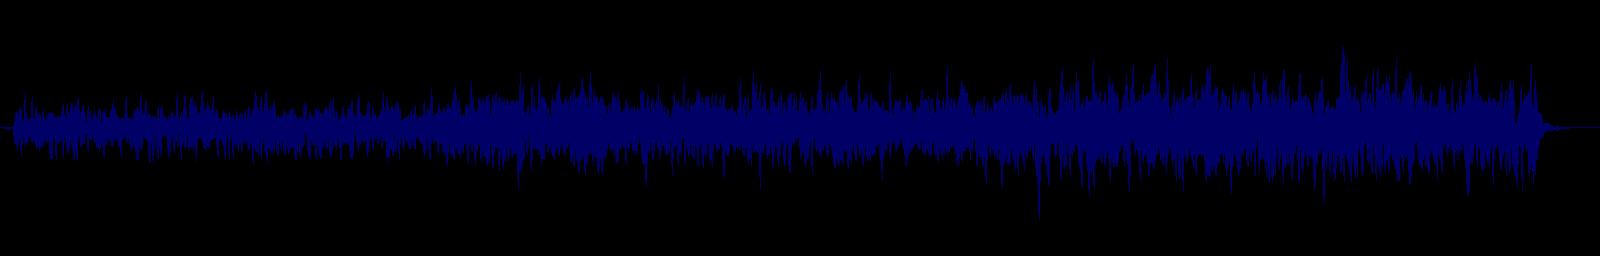 waveform of track #147935